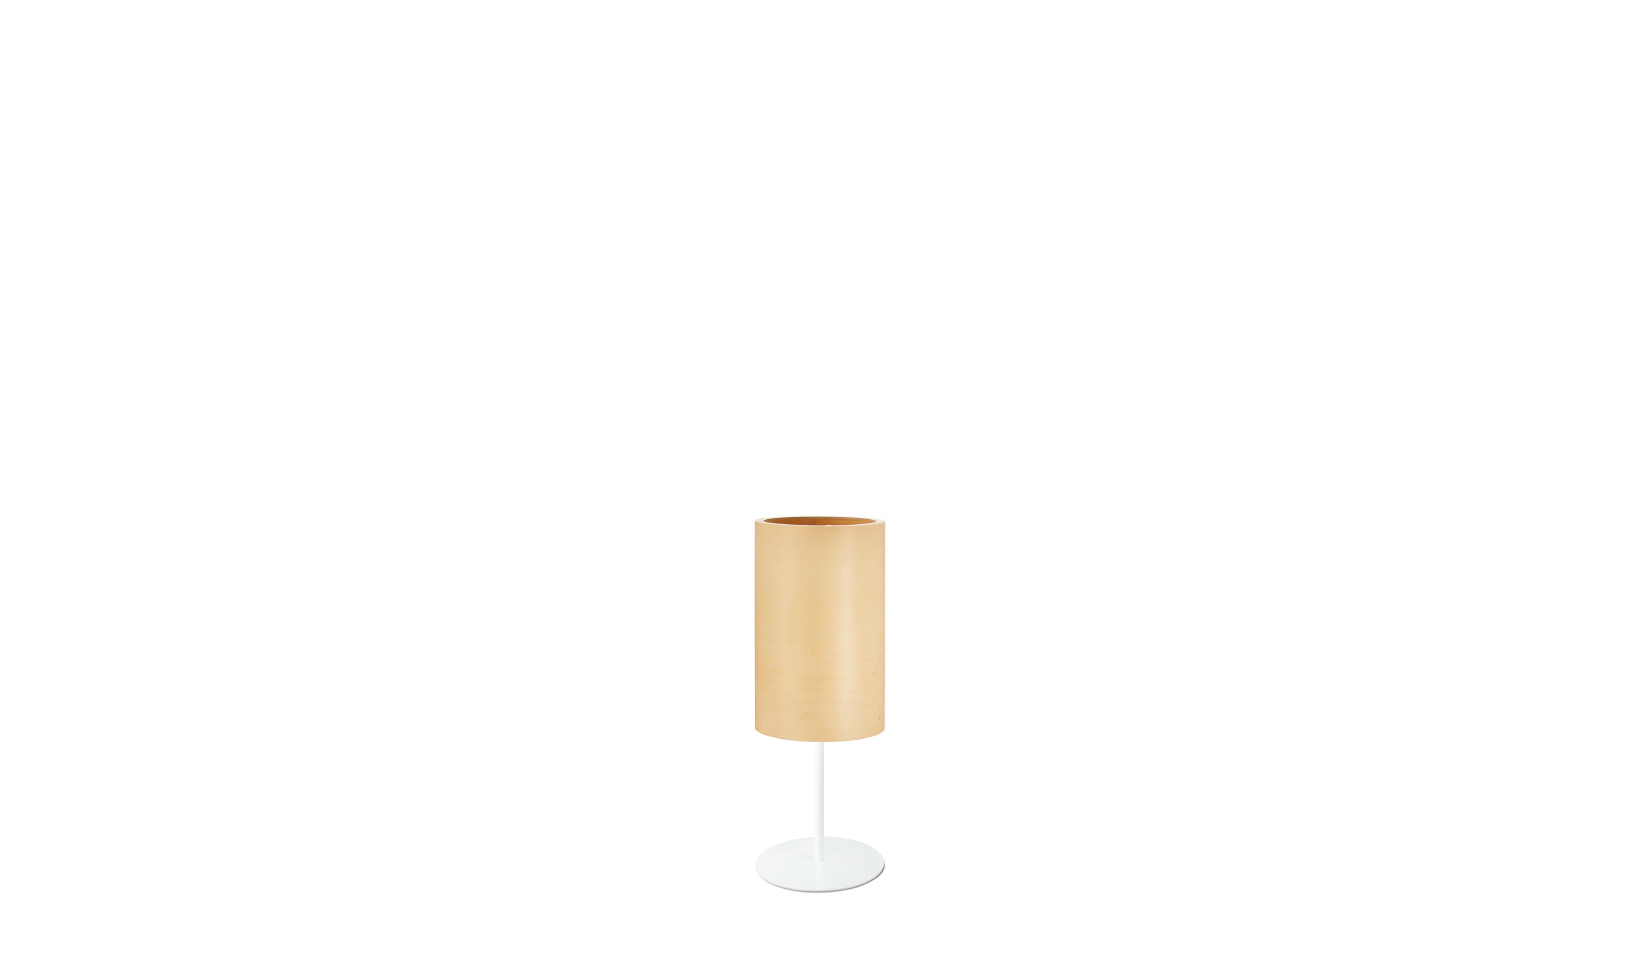 dreizehngrad table lamp model Funk 16/26T maple veneer lamp design lamp